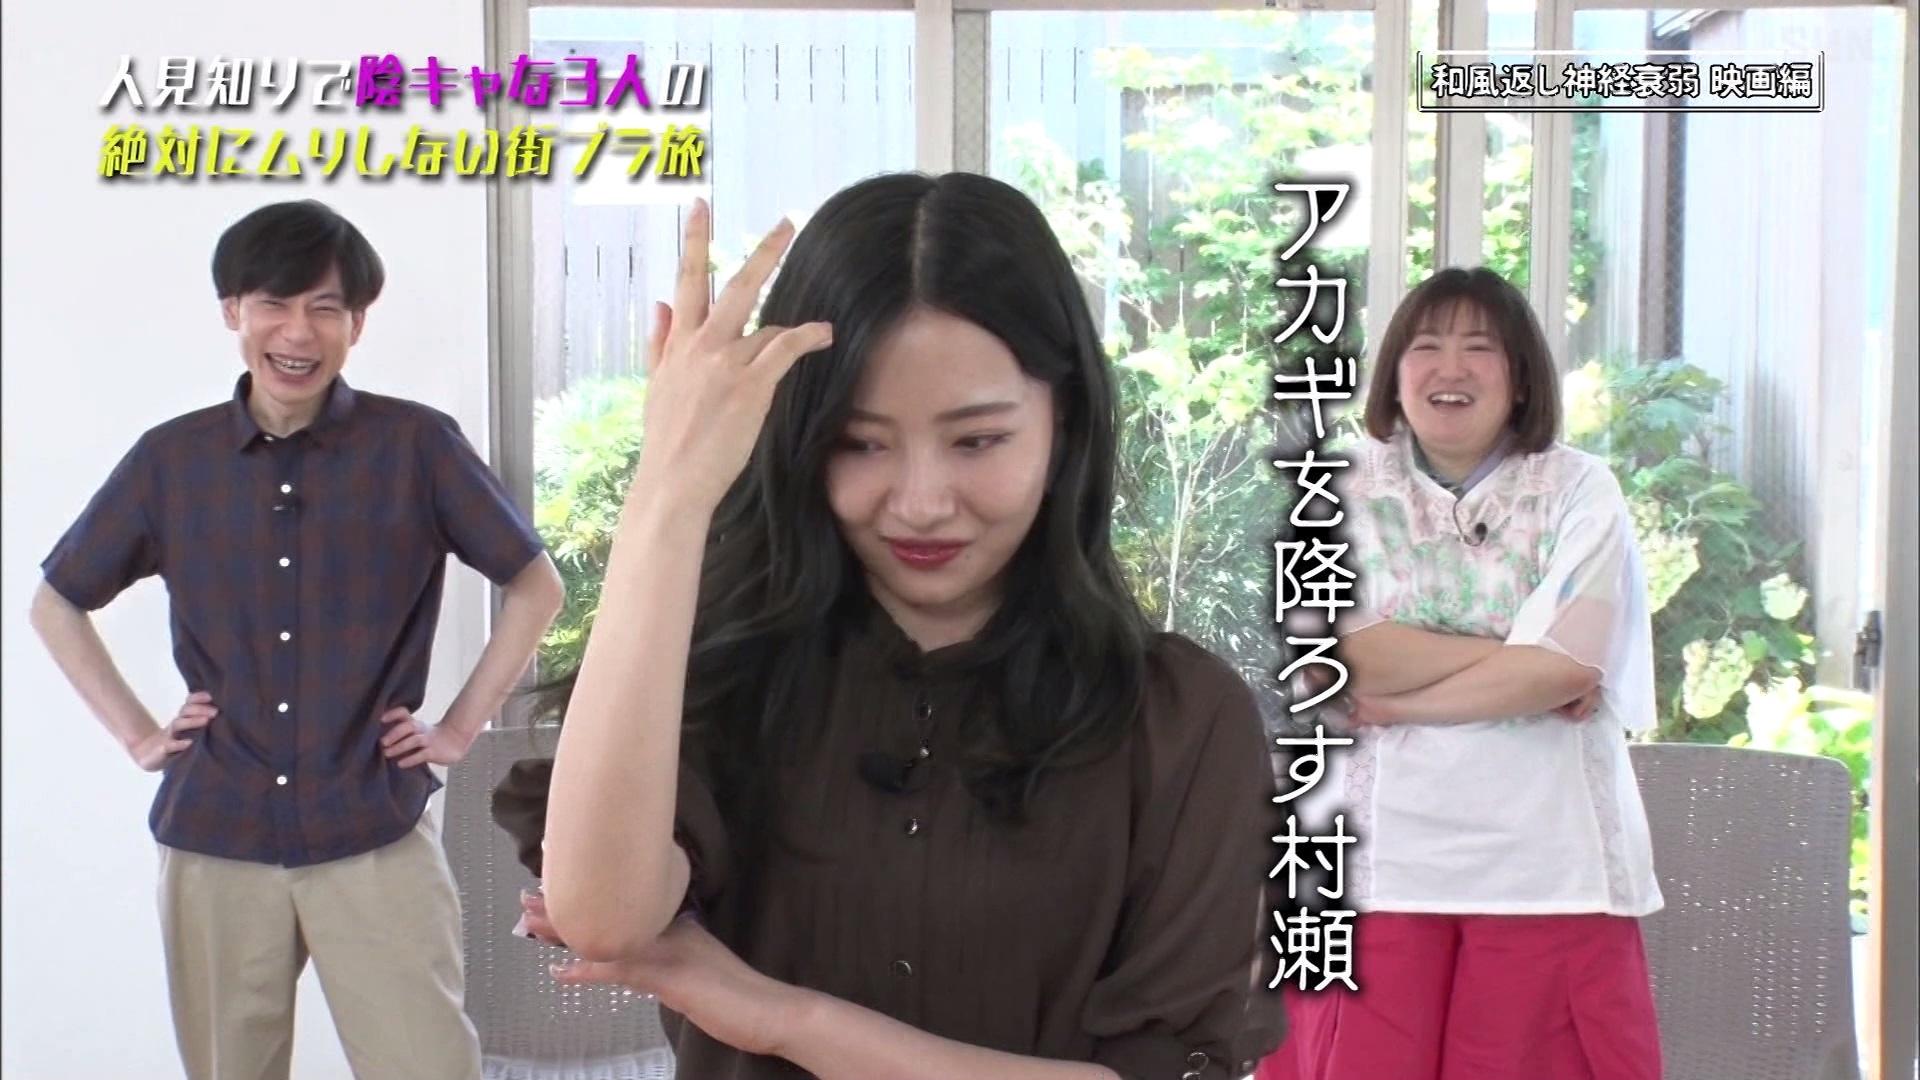 【村瀬紗英】9月1日にサンテレビで放送された「いたくろむらせのオンとオフ」♯46の画像。